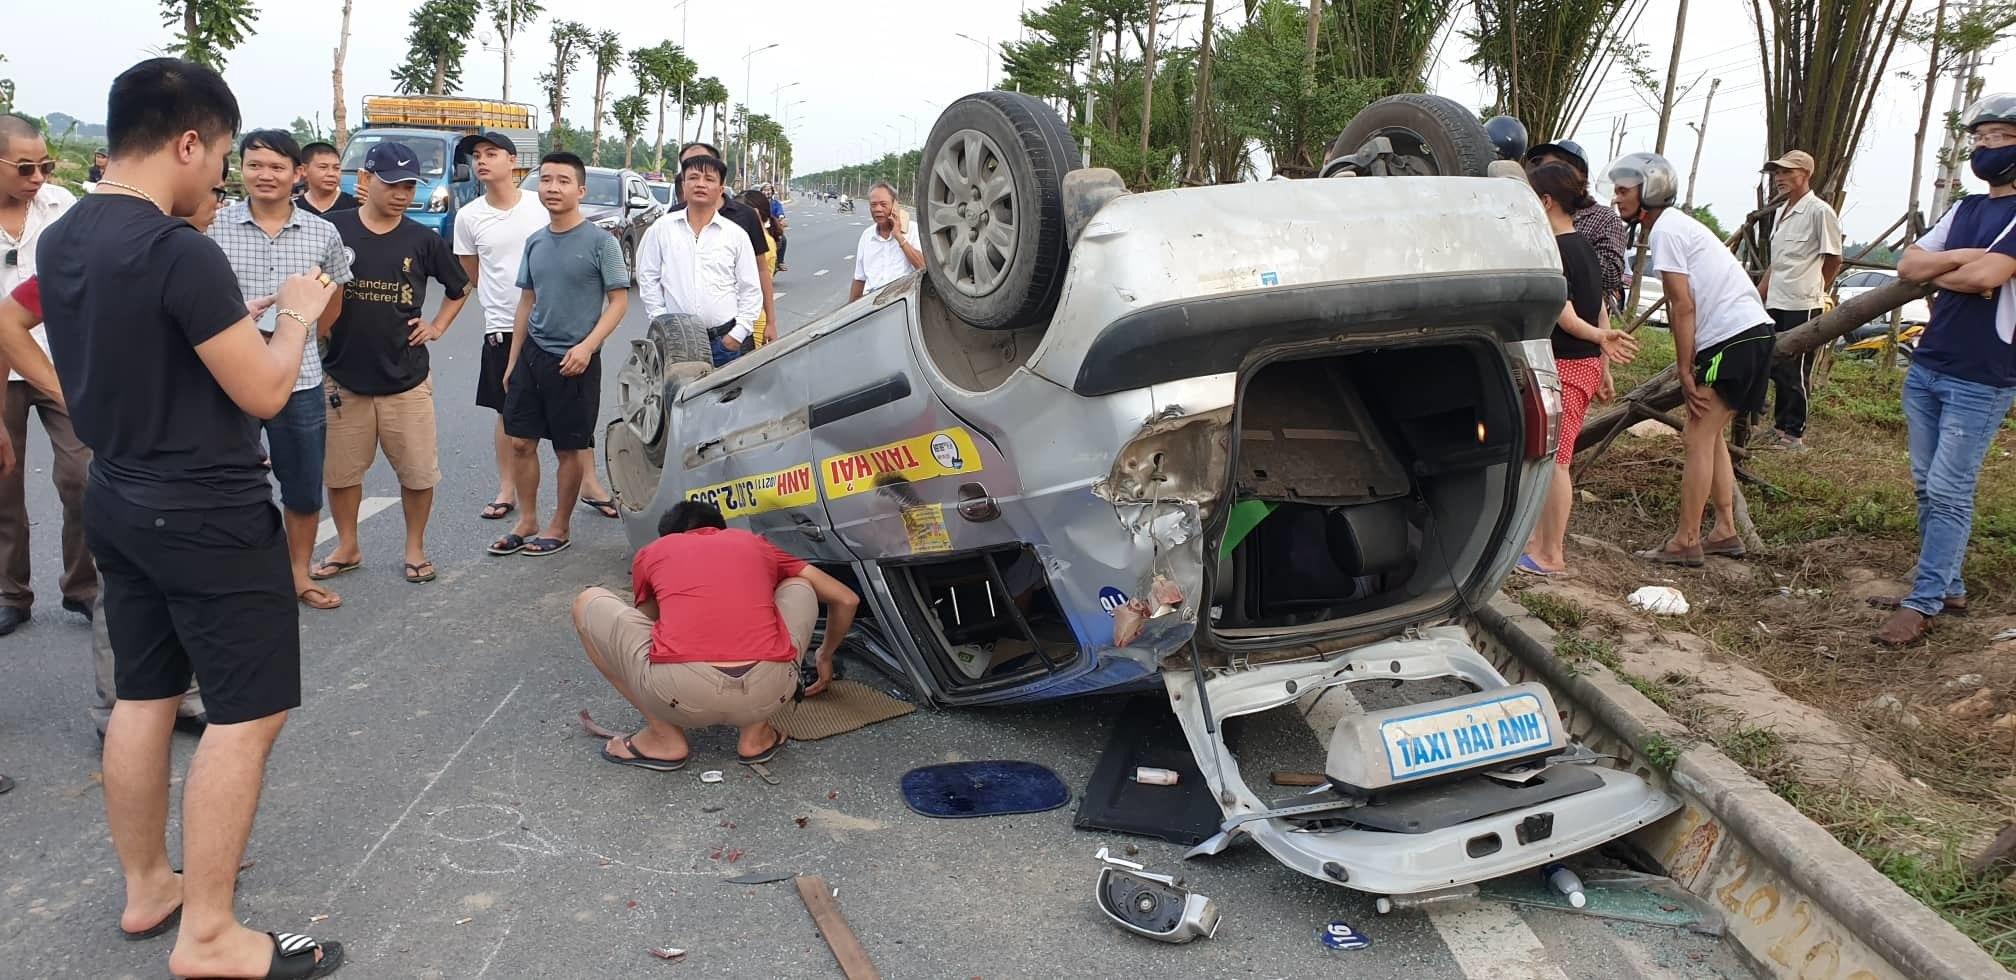 Xe ô tô gây tai nạn liên hoàn rồi bỏ chạy, 2 hành khách nhập viện cấp cứu - Ảnh 1